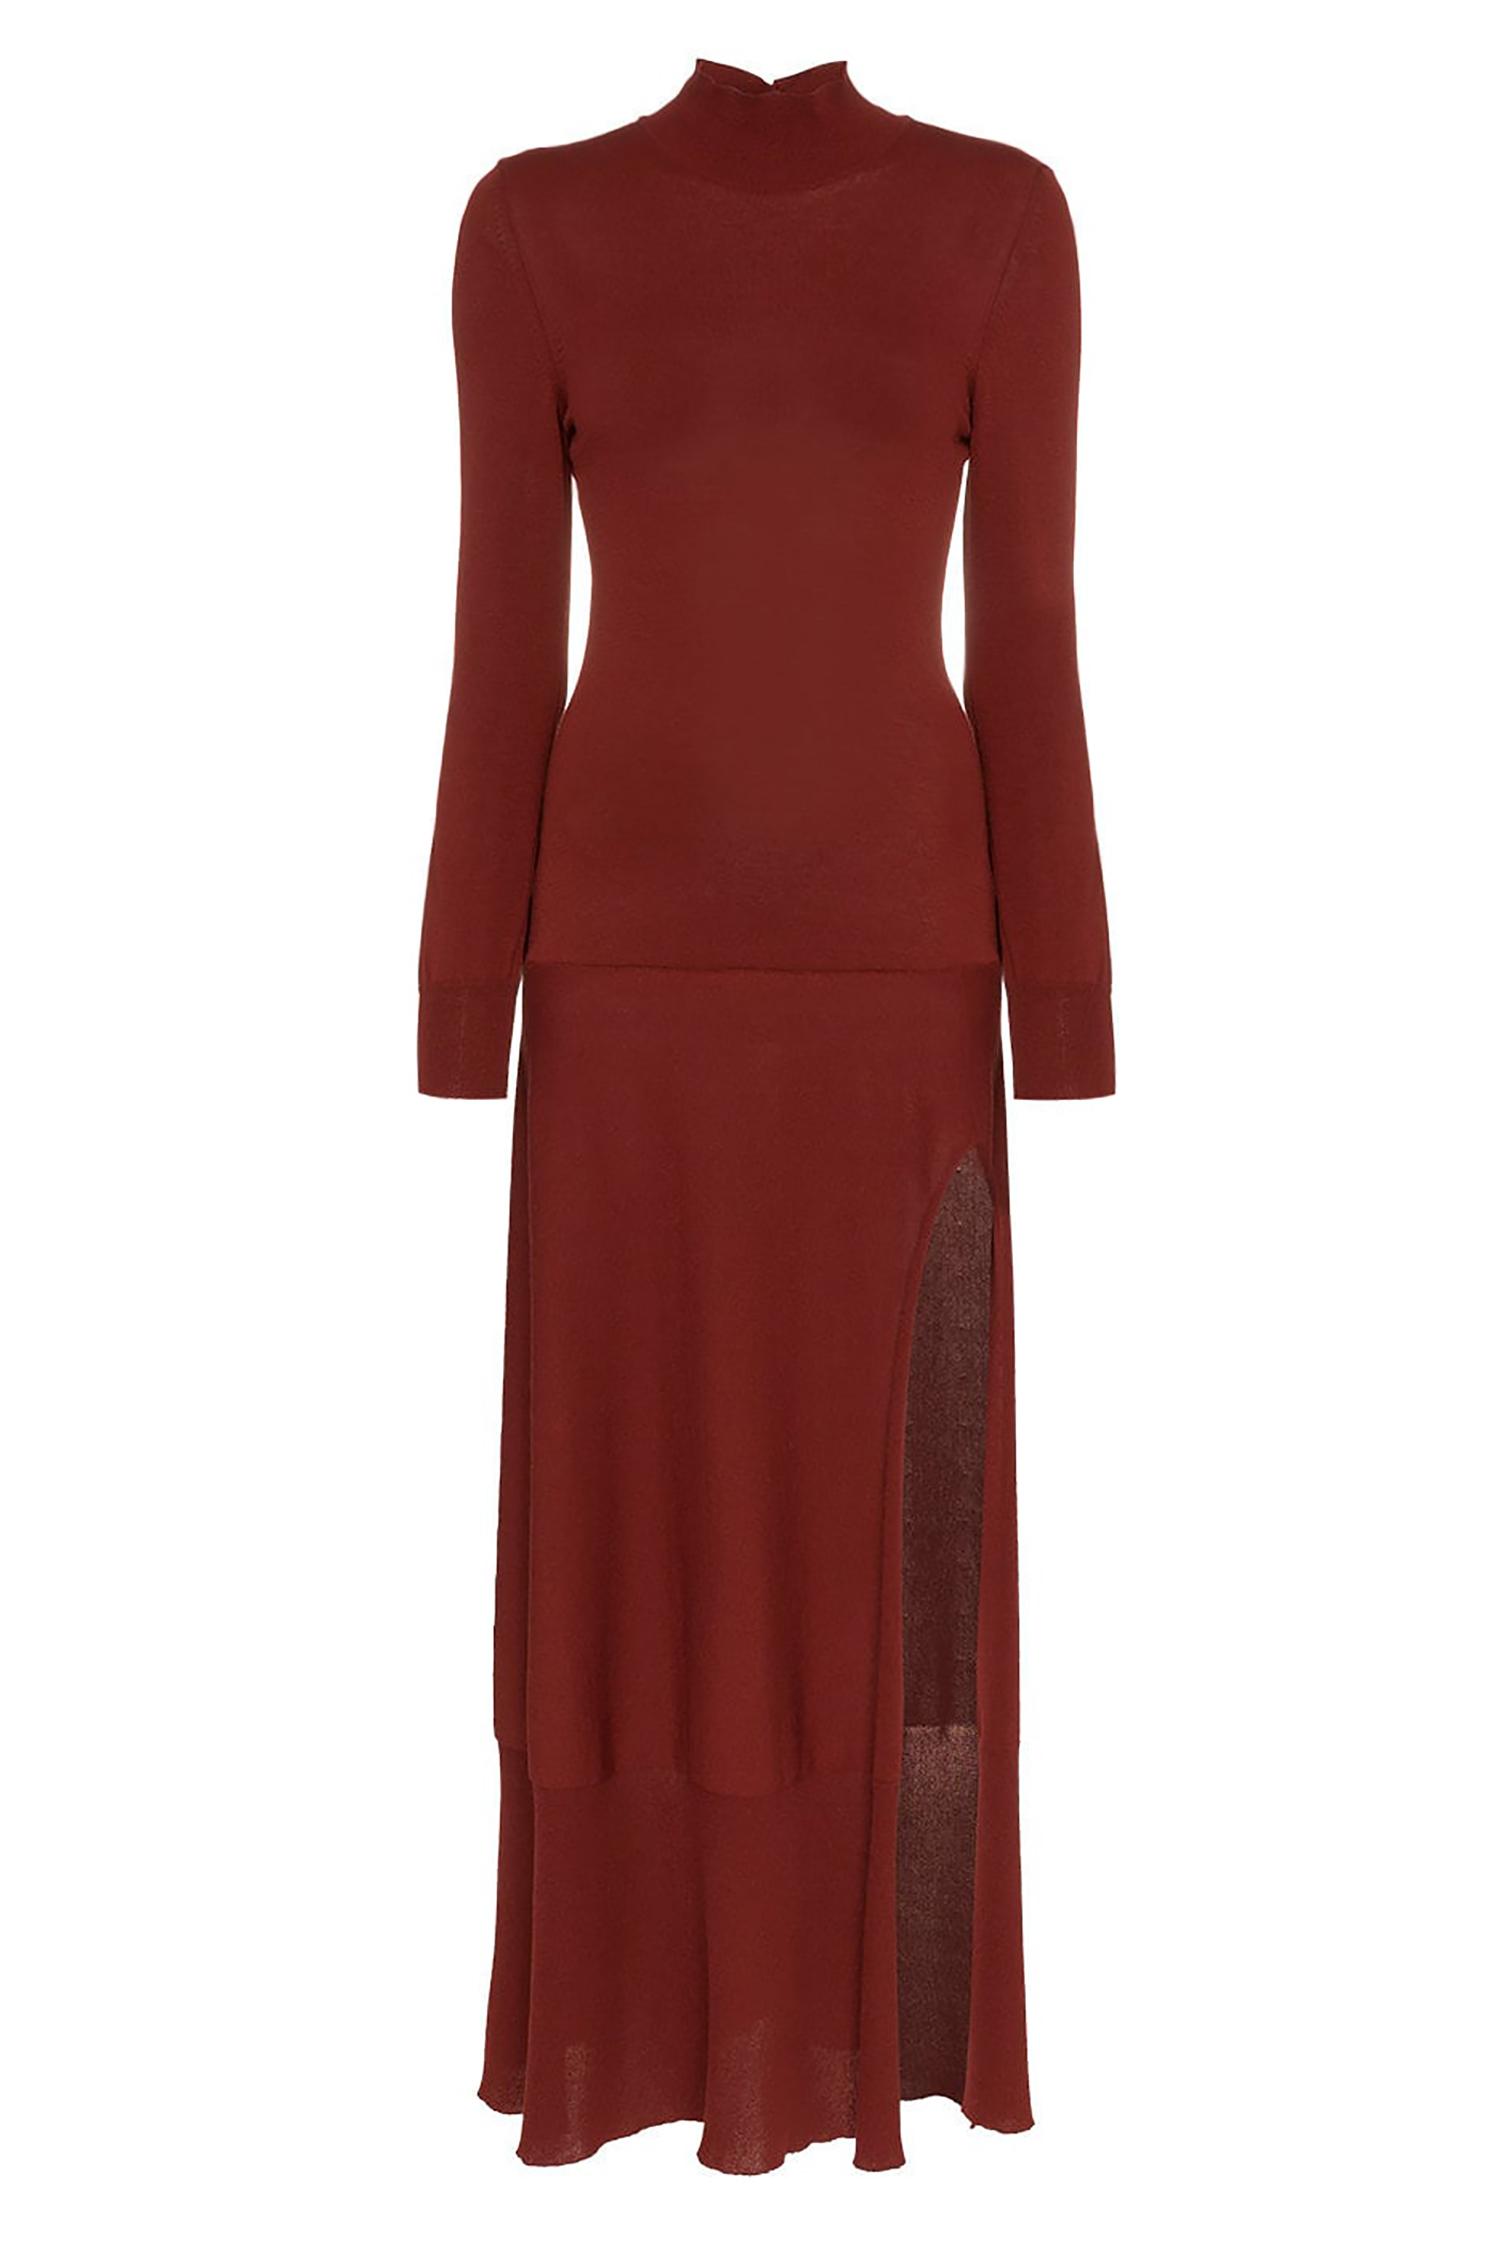 0fdc0112f41 JACQUEMUS Платье макси с высоким воротом и длинными рукавами ...